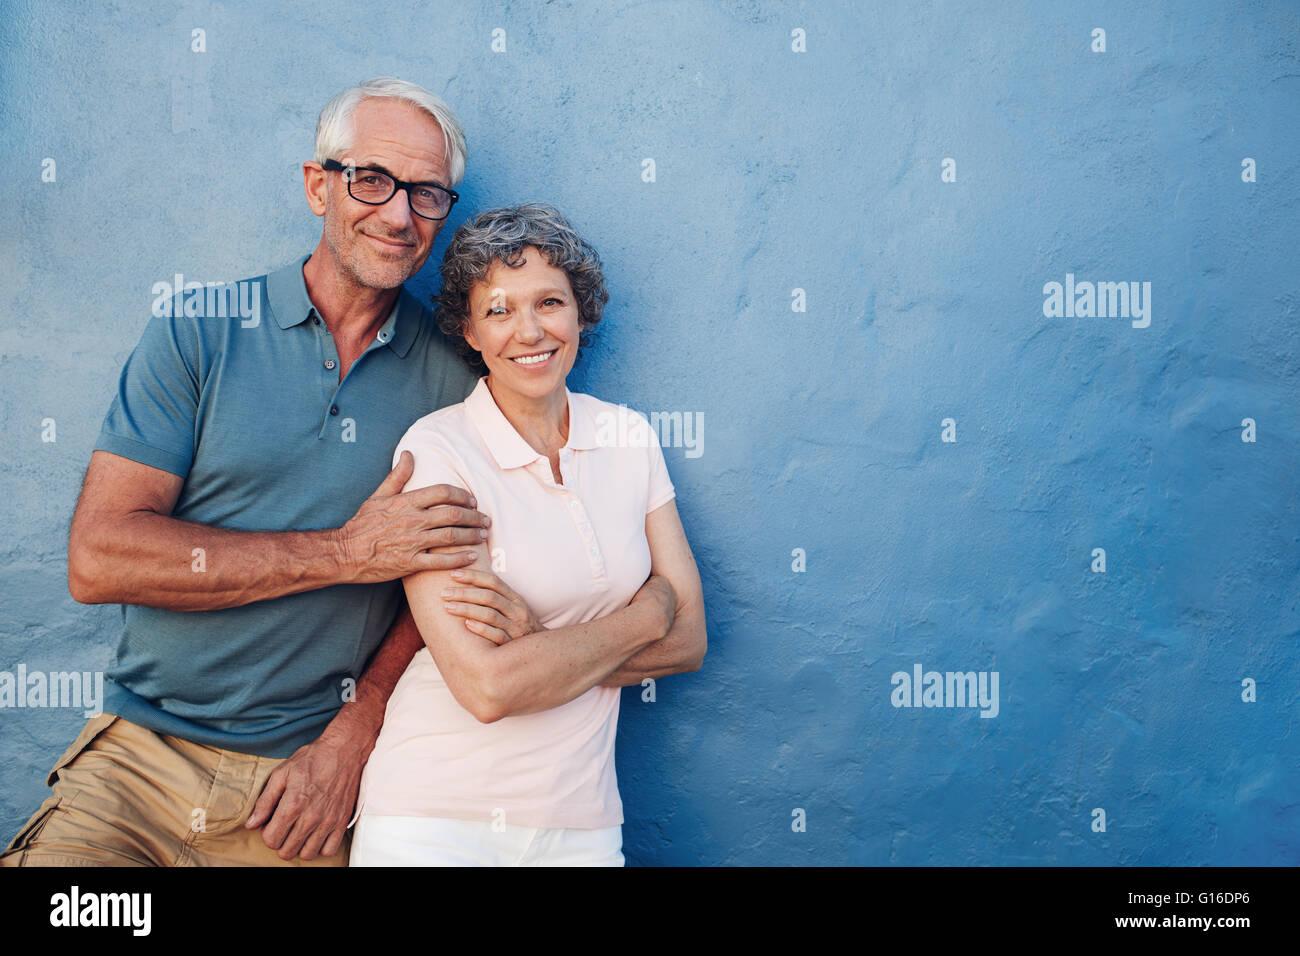 Porträt von glücklich senior Mann und Frau gemeinsam vor blauem Hintergrund. Mittleren gealterten paar Stockbild